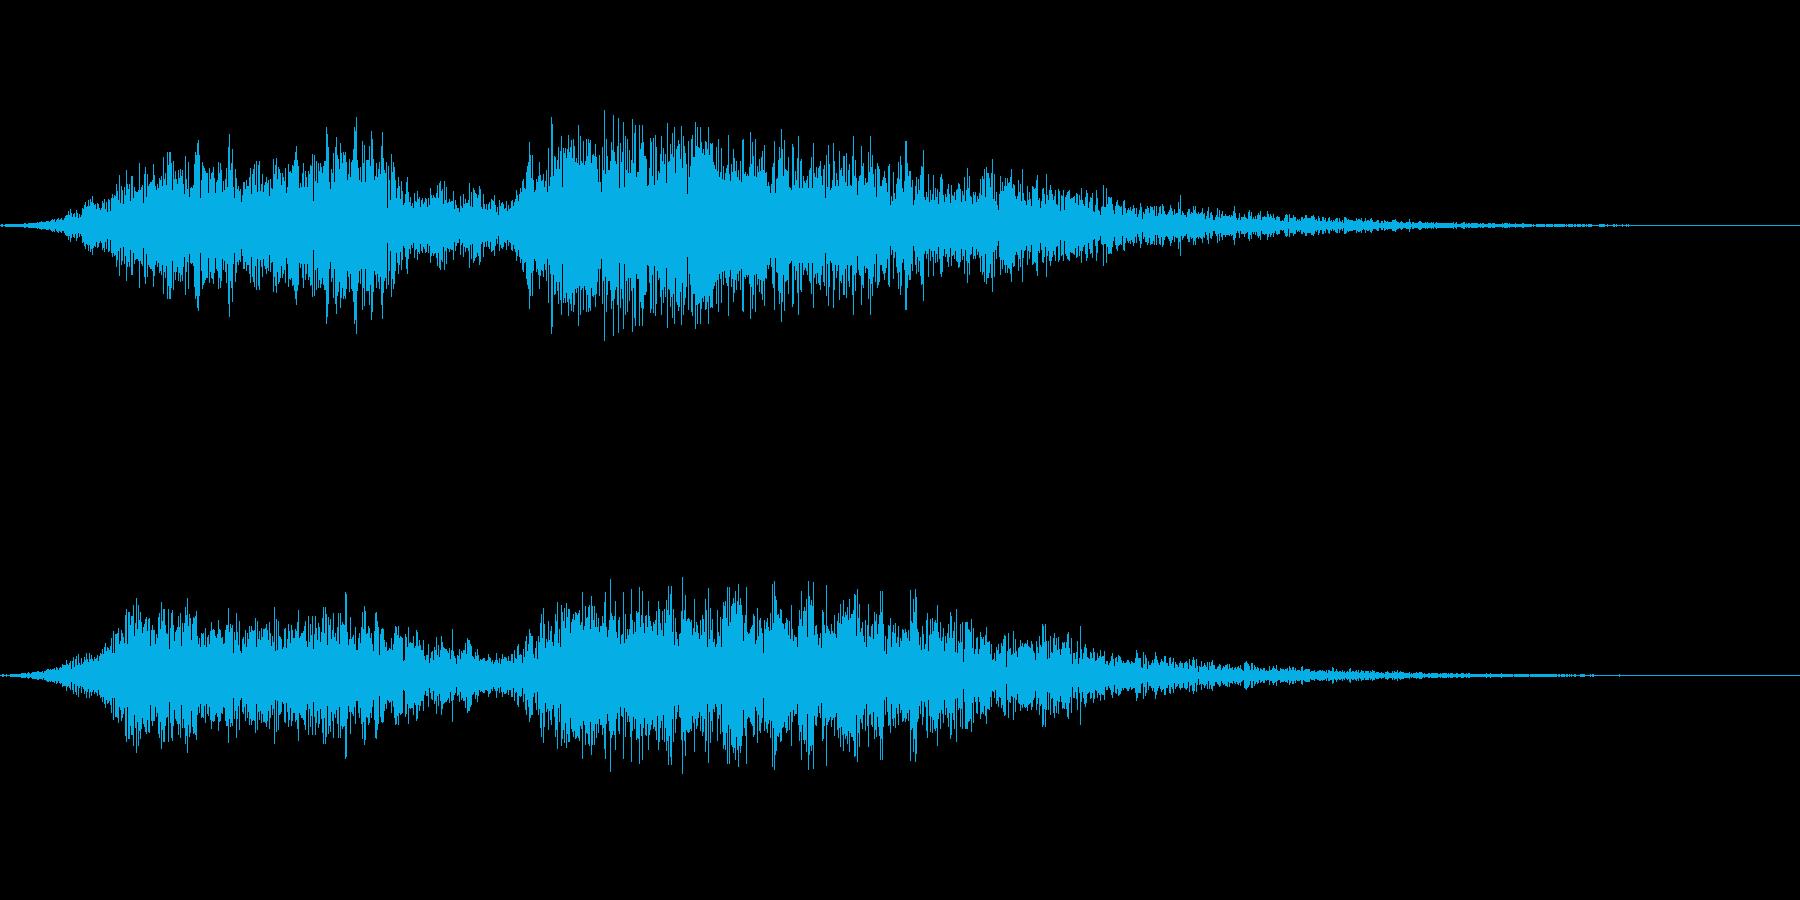 和風掛け声「よいやっさー」(男女複数)の再生済みの波形